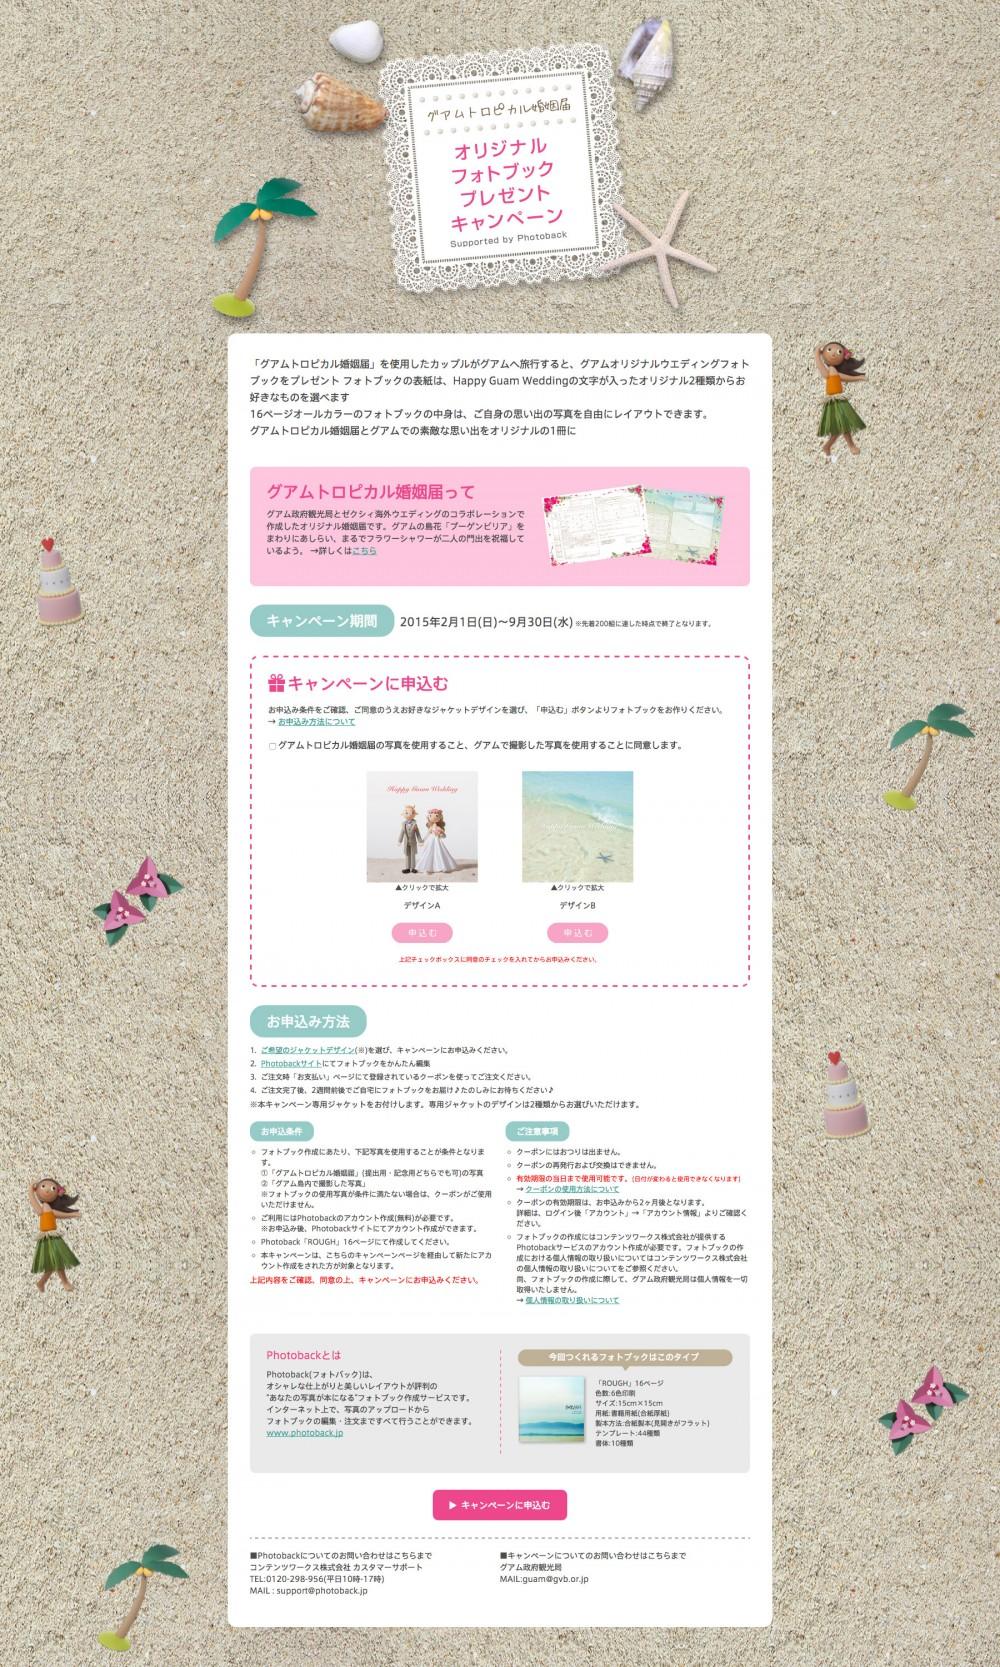 グアムトロピカル婚姻届 オリジナルフォトブックプレゼントキャンペーン